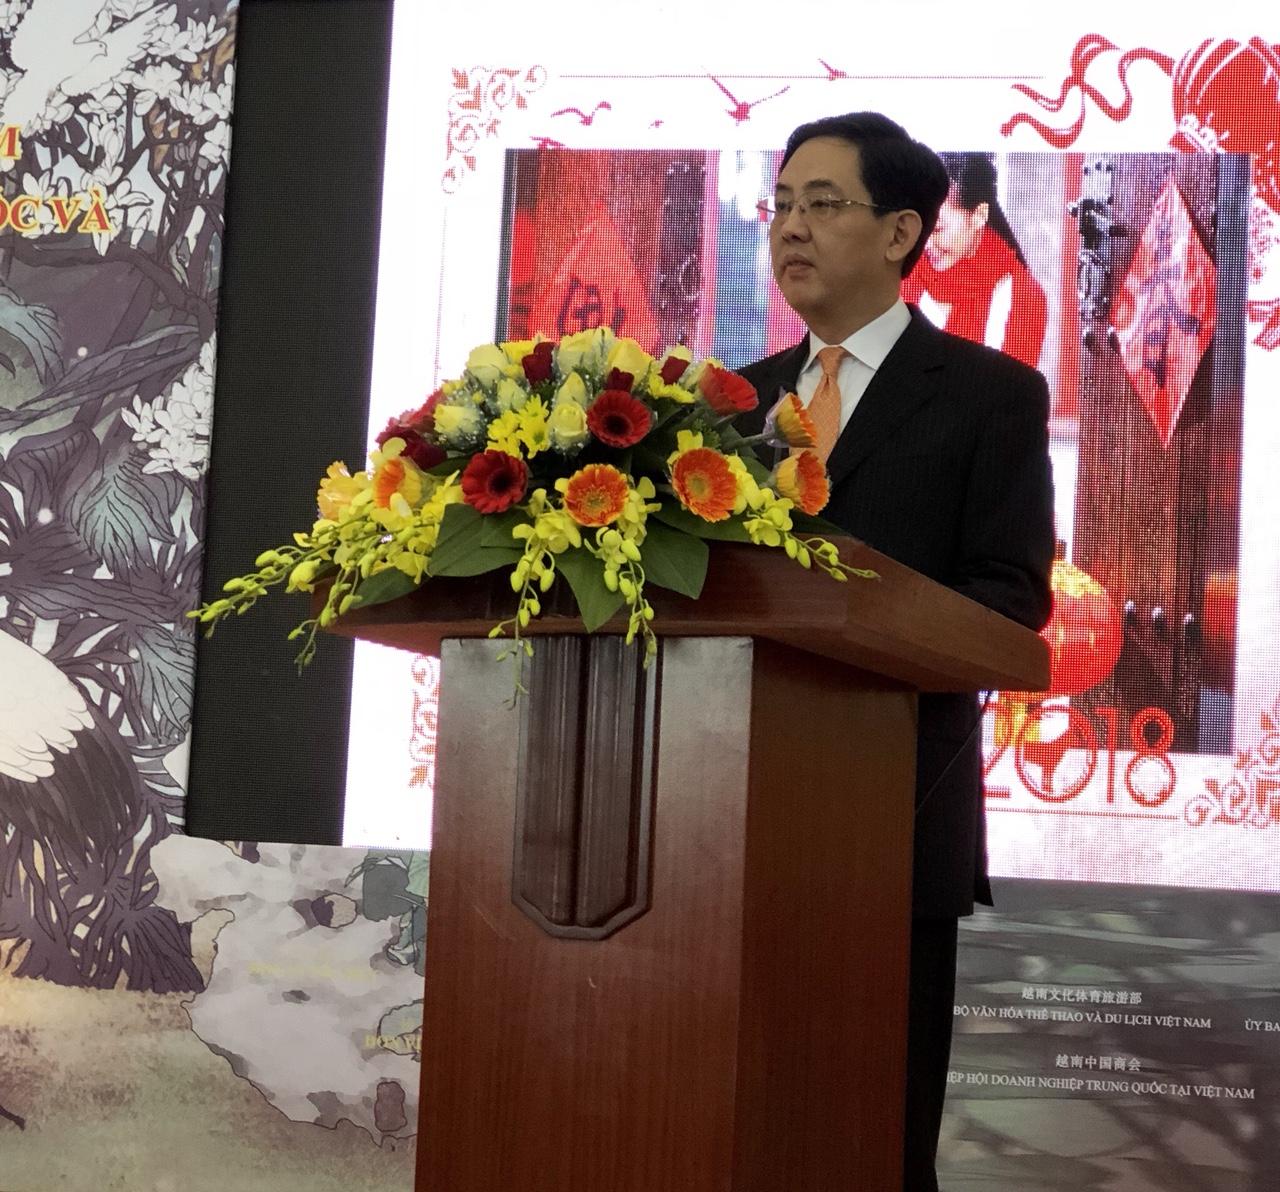 中国重视发展与越南的友好合作关系